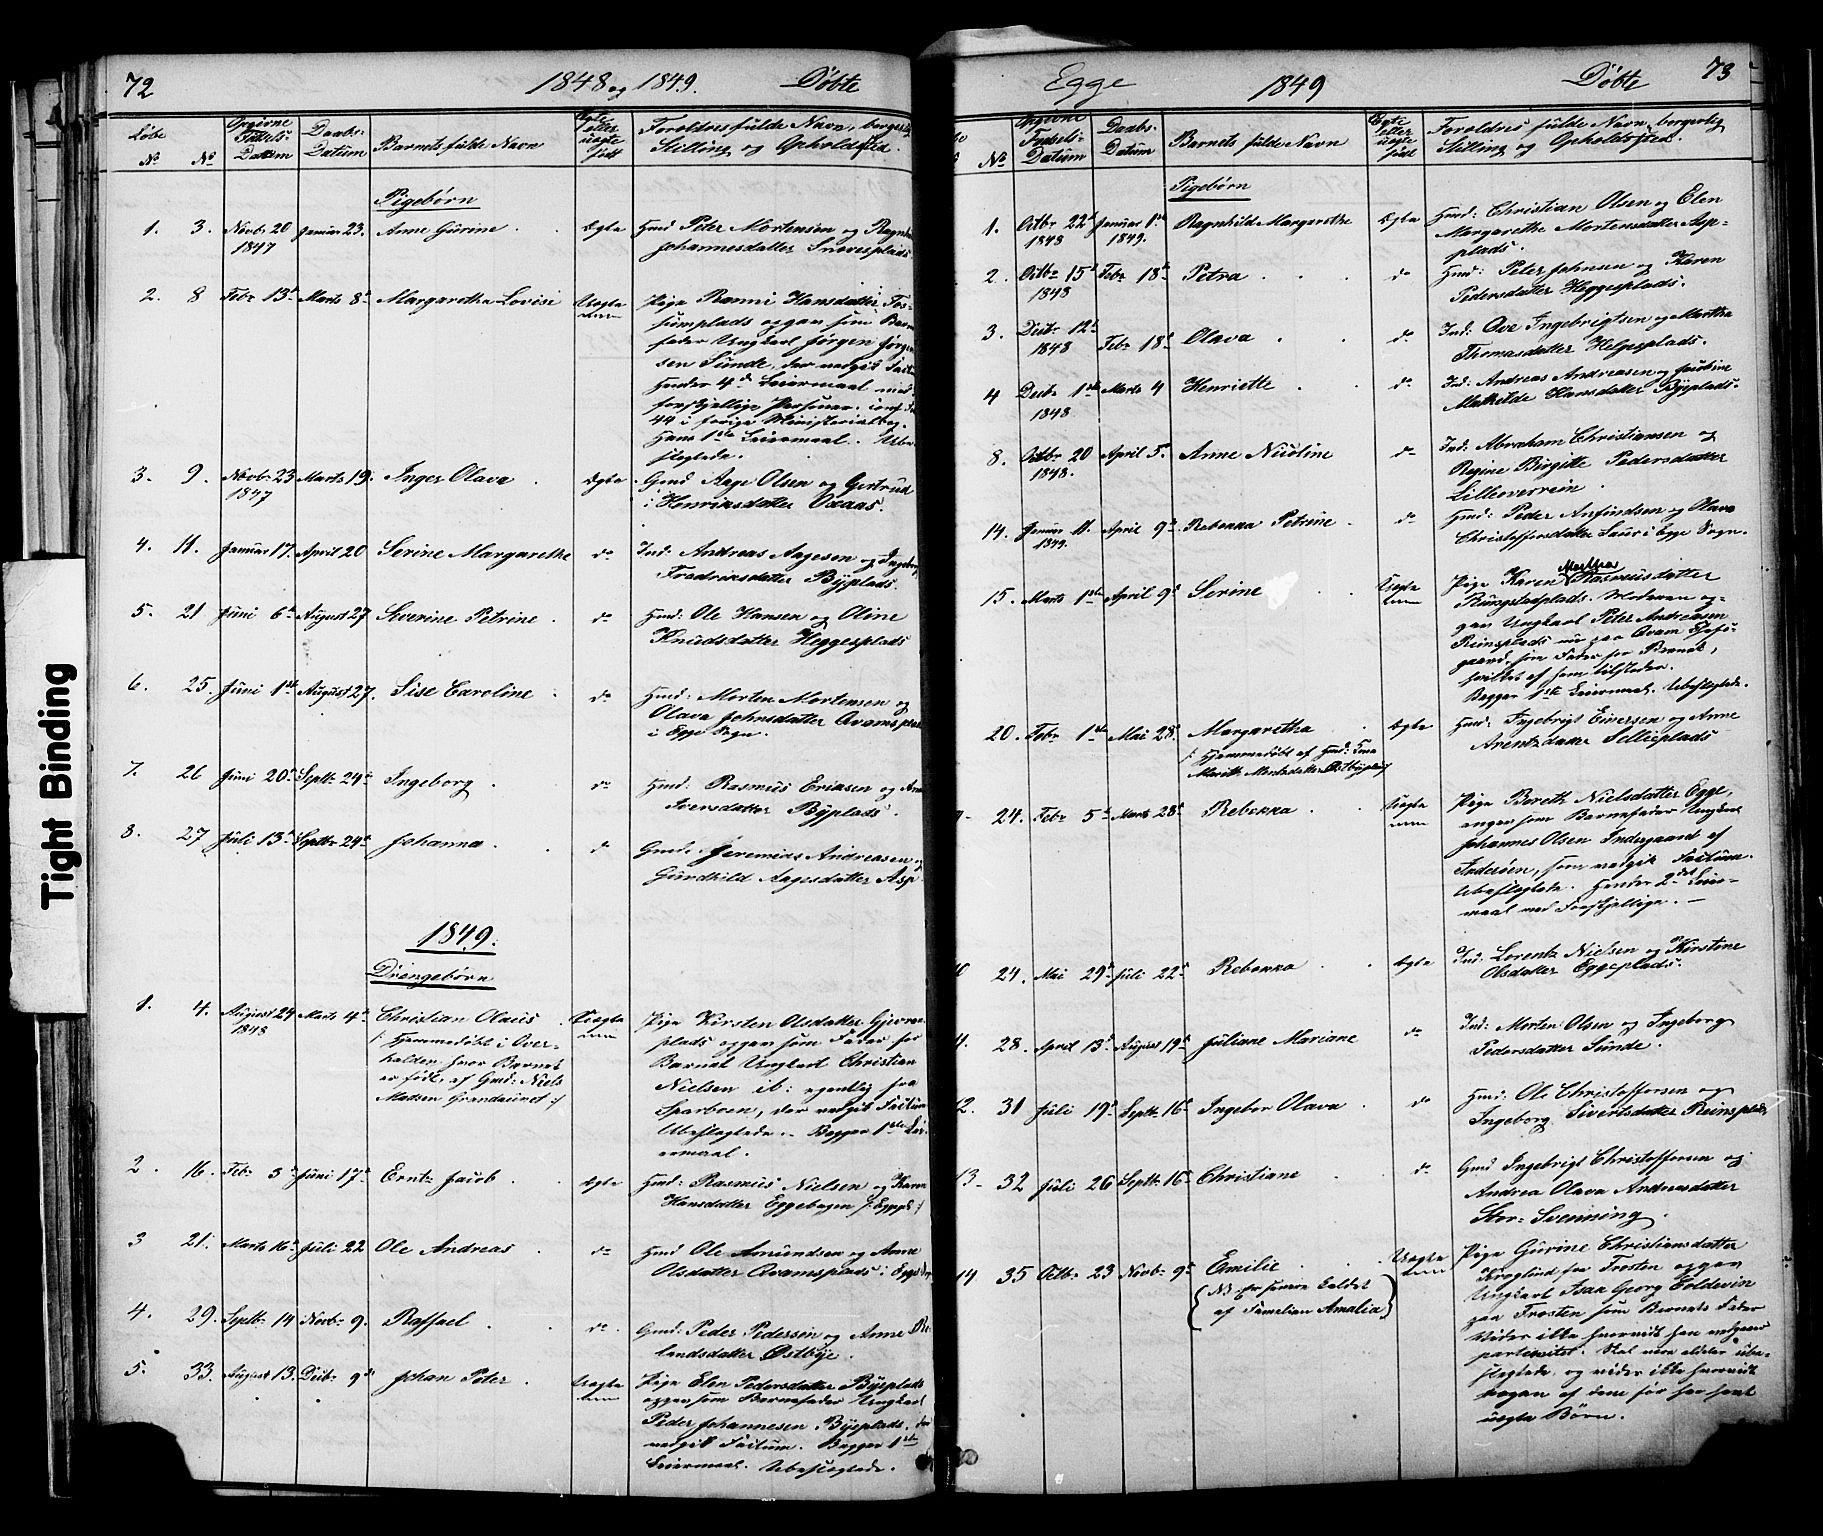 SAT, Ministerialprotokoller, klokkerbøker og fødselsregistre - Nord-Trøndelag, 739/L0367: Ministerialbok nr. 739A01 /3, 1838-1868, s. 72-73